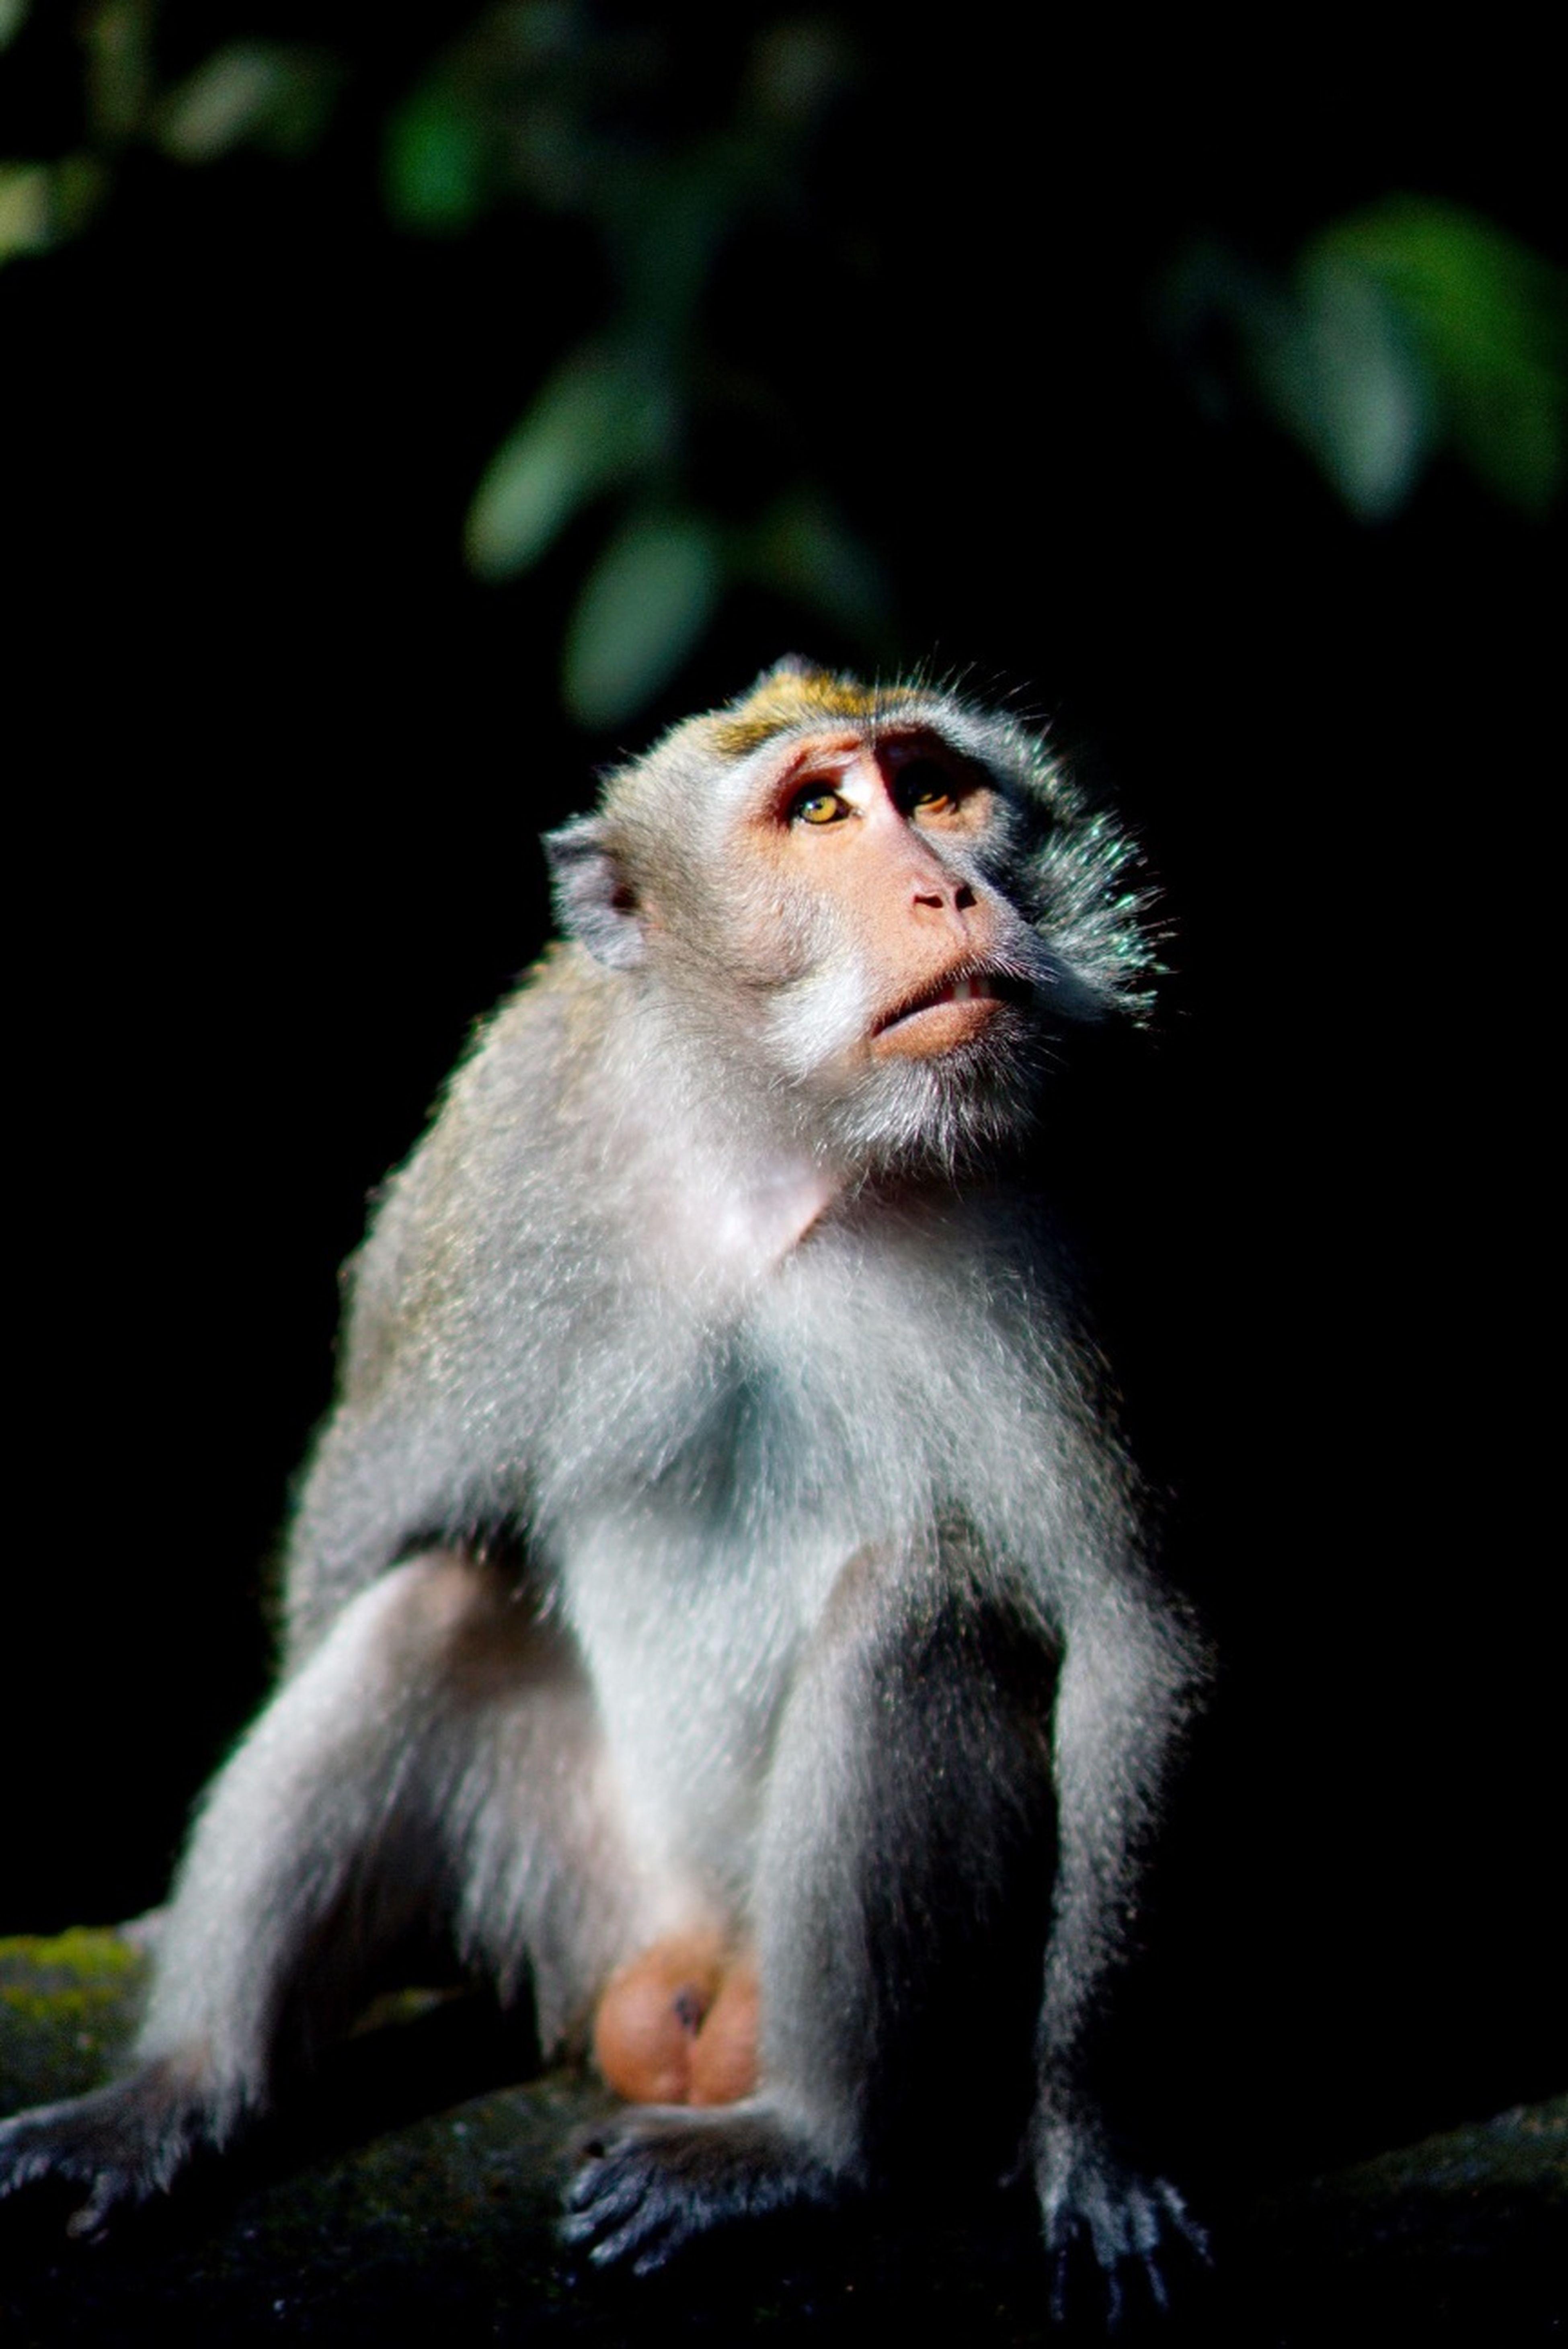 Male Monkey...got It?